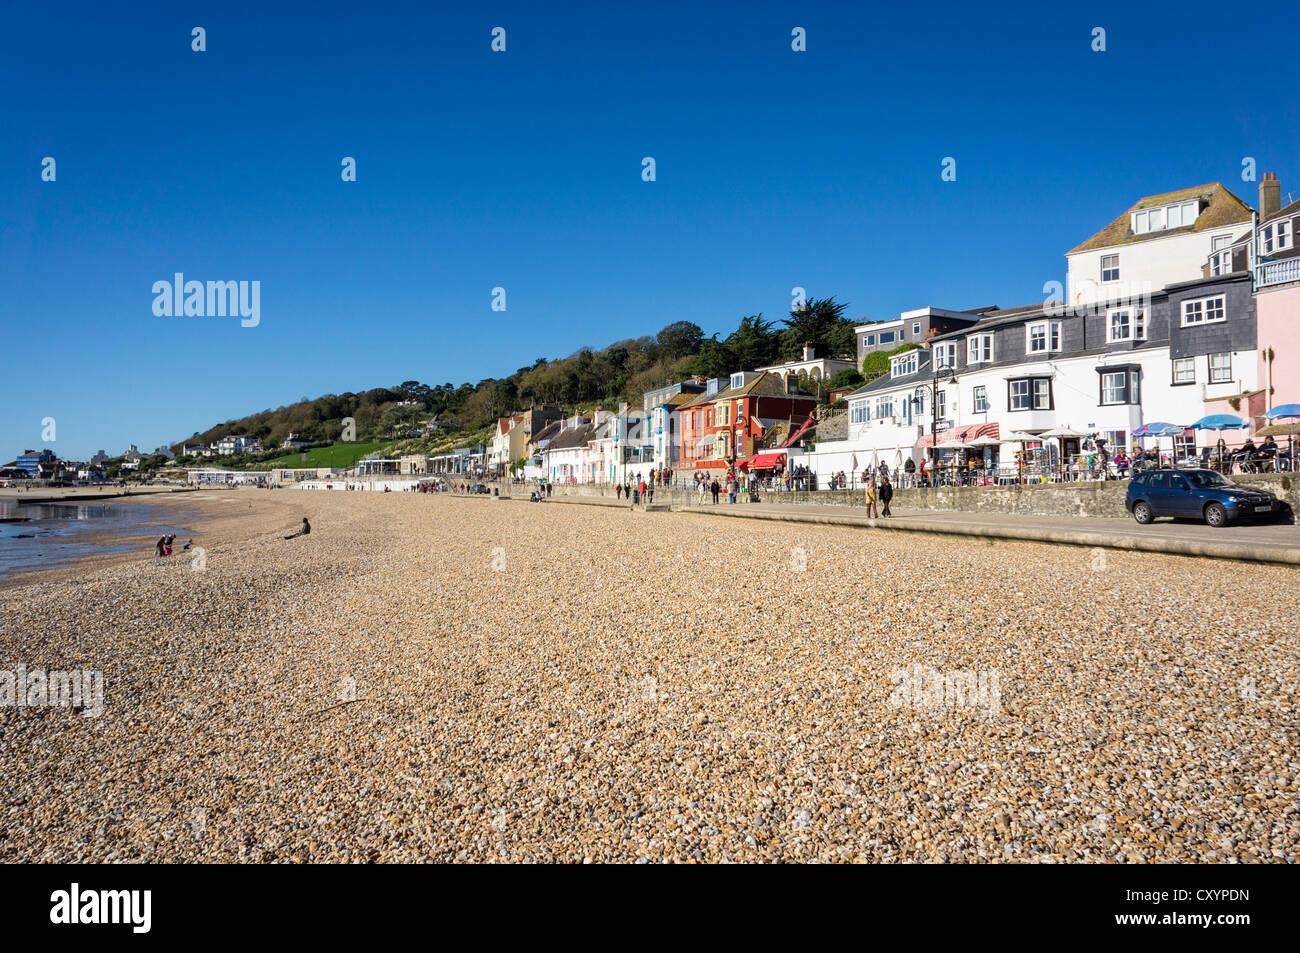 Plage de Lyme Regis, dans le Dorset, UK Banque D'Images